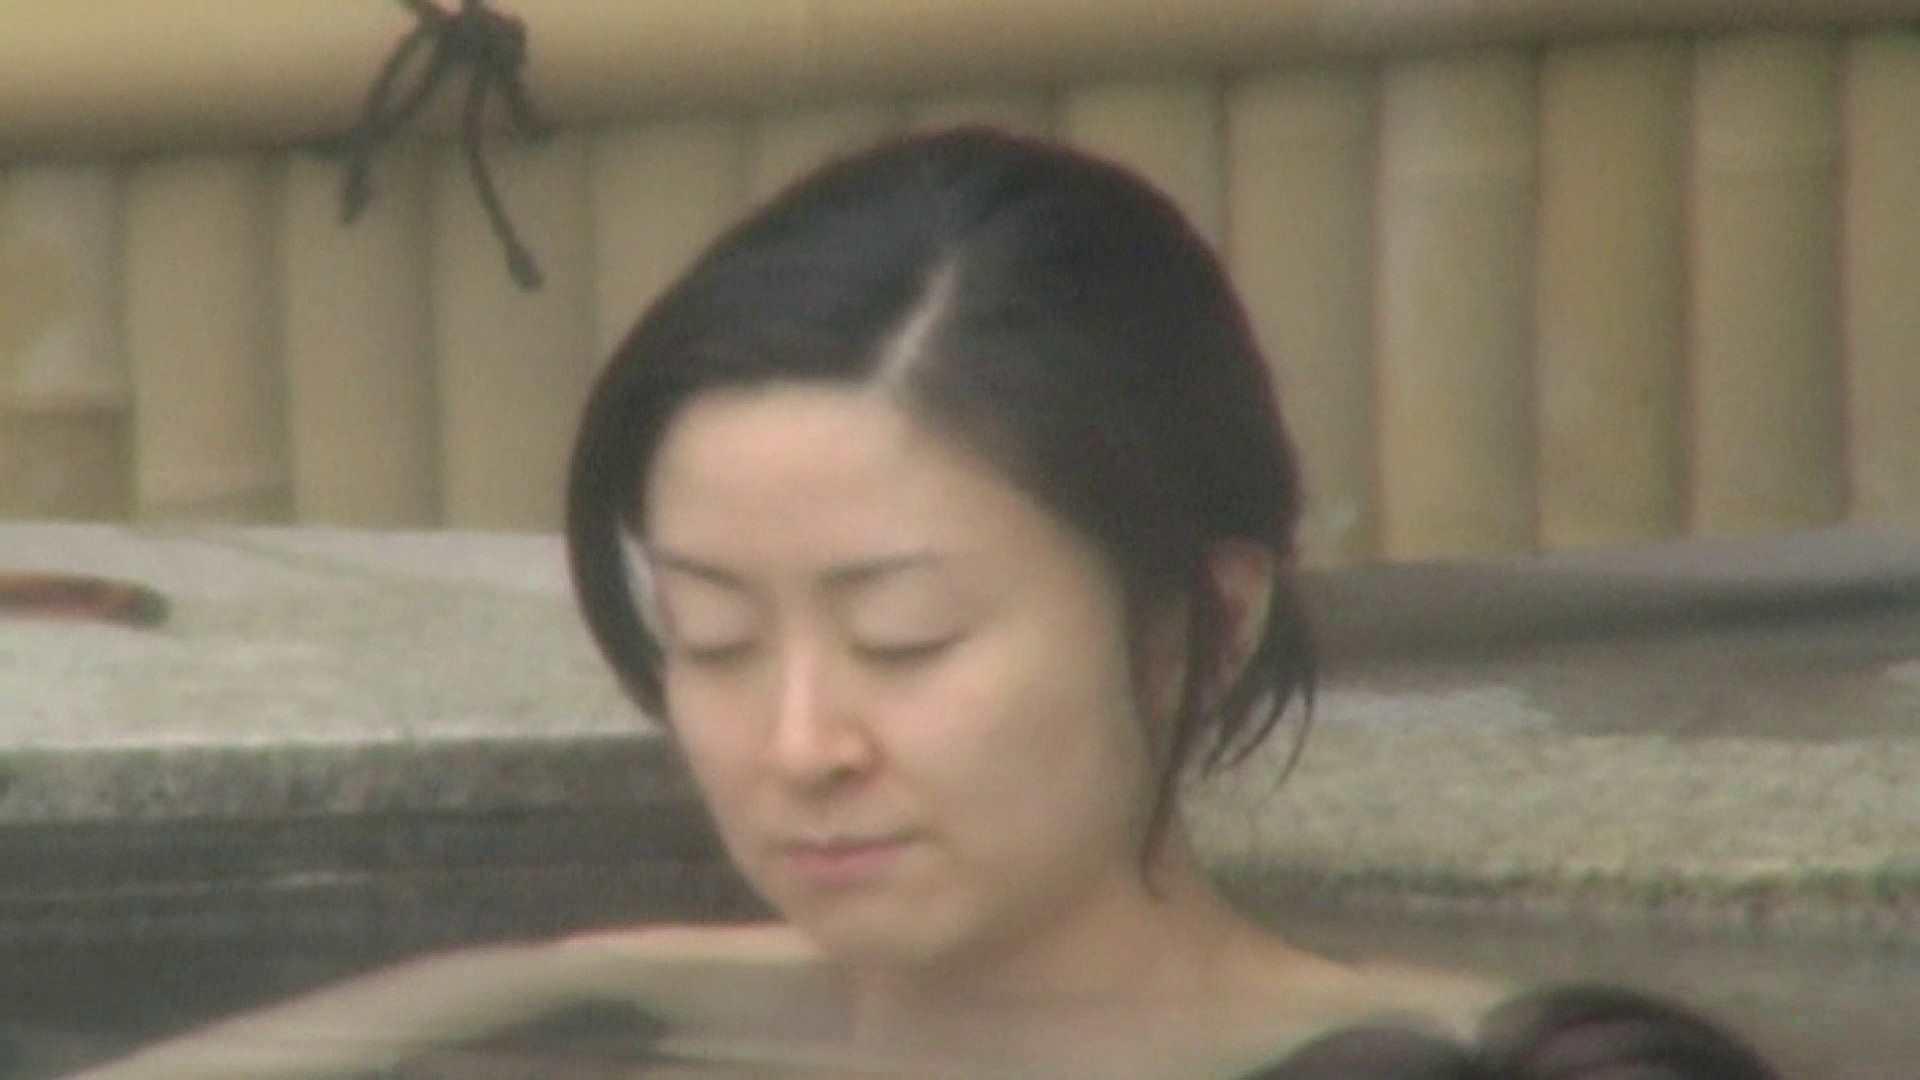 Aquaな露天風呂Vol.548 盗撮 | 露天  103画像 34